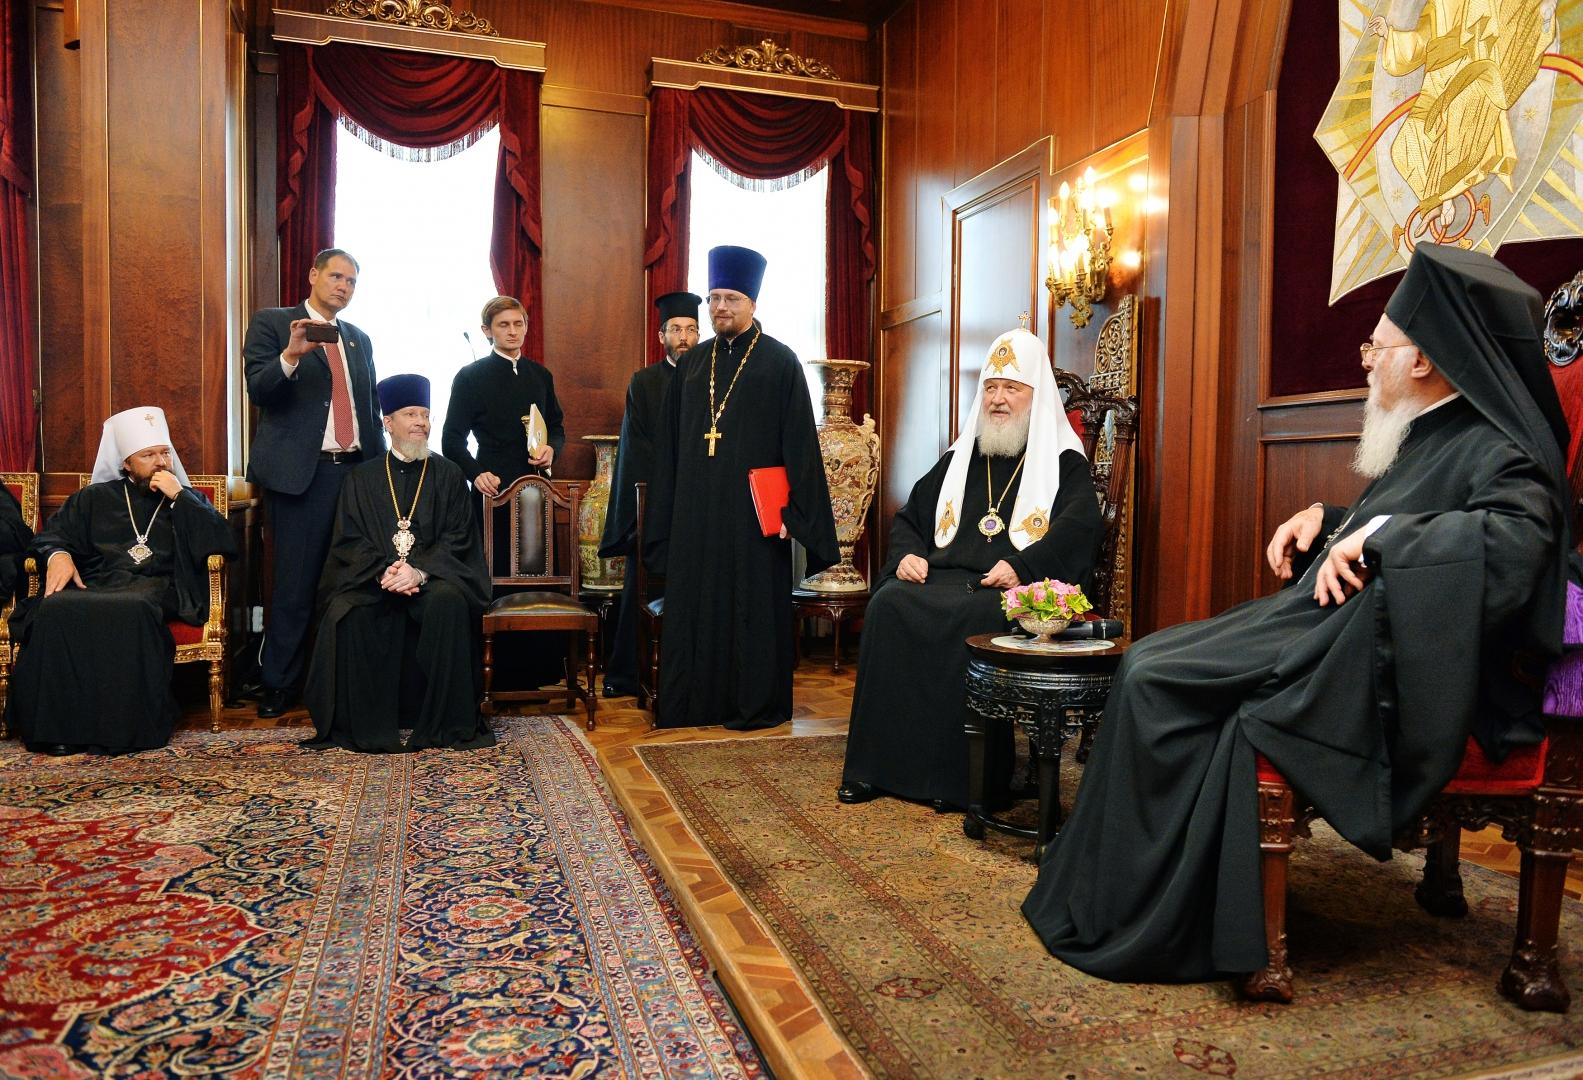 Встреча Предстоятелей Константинопольской и Русской Православных Церквей